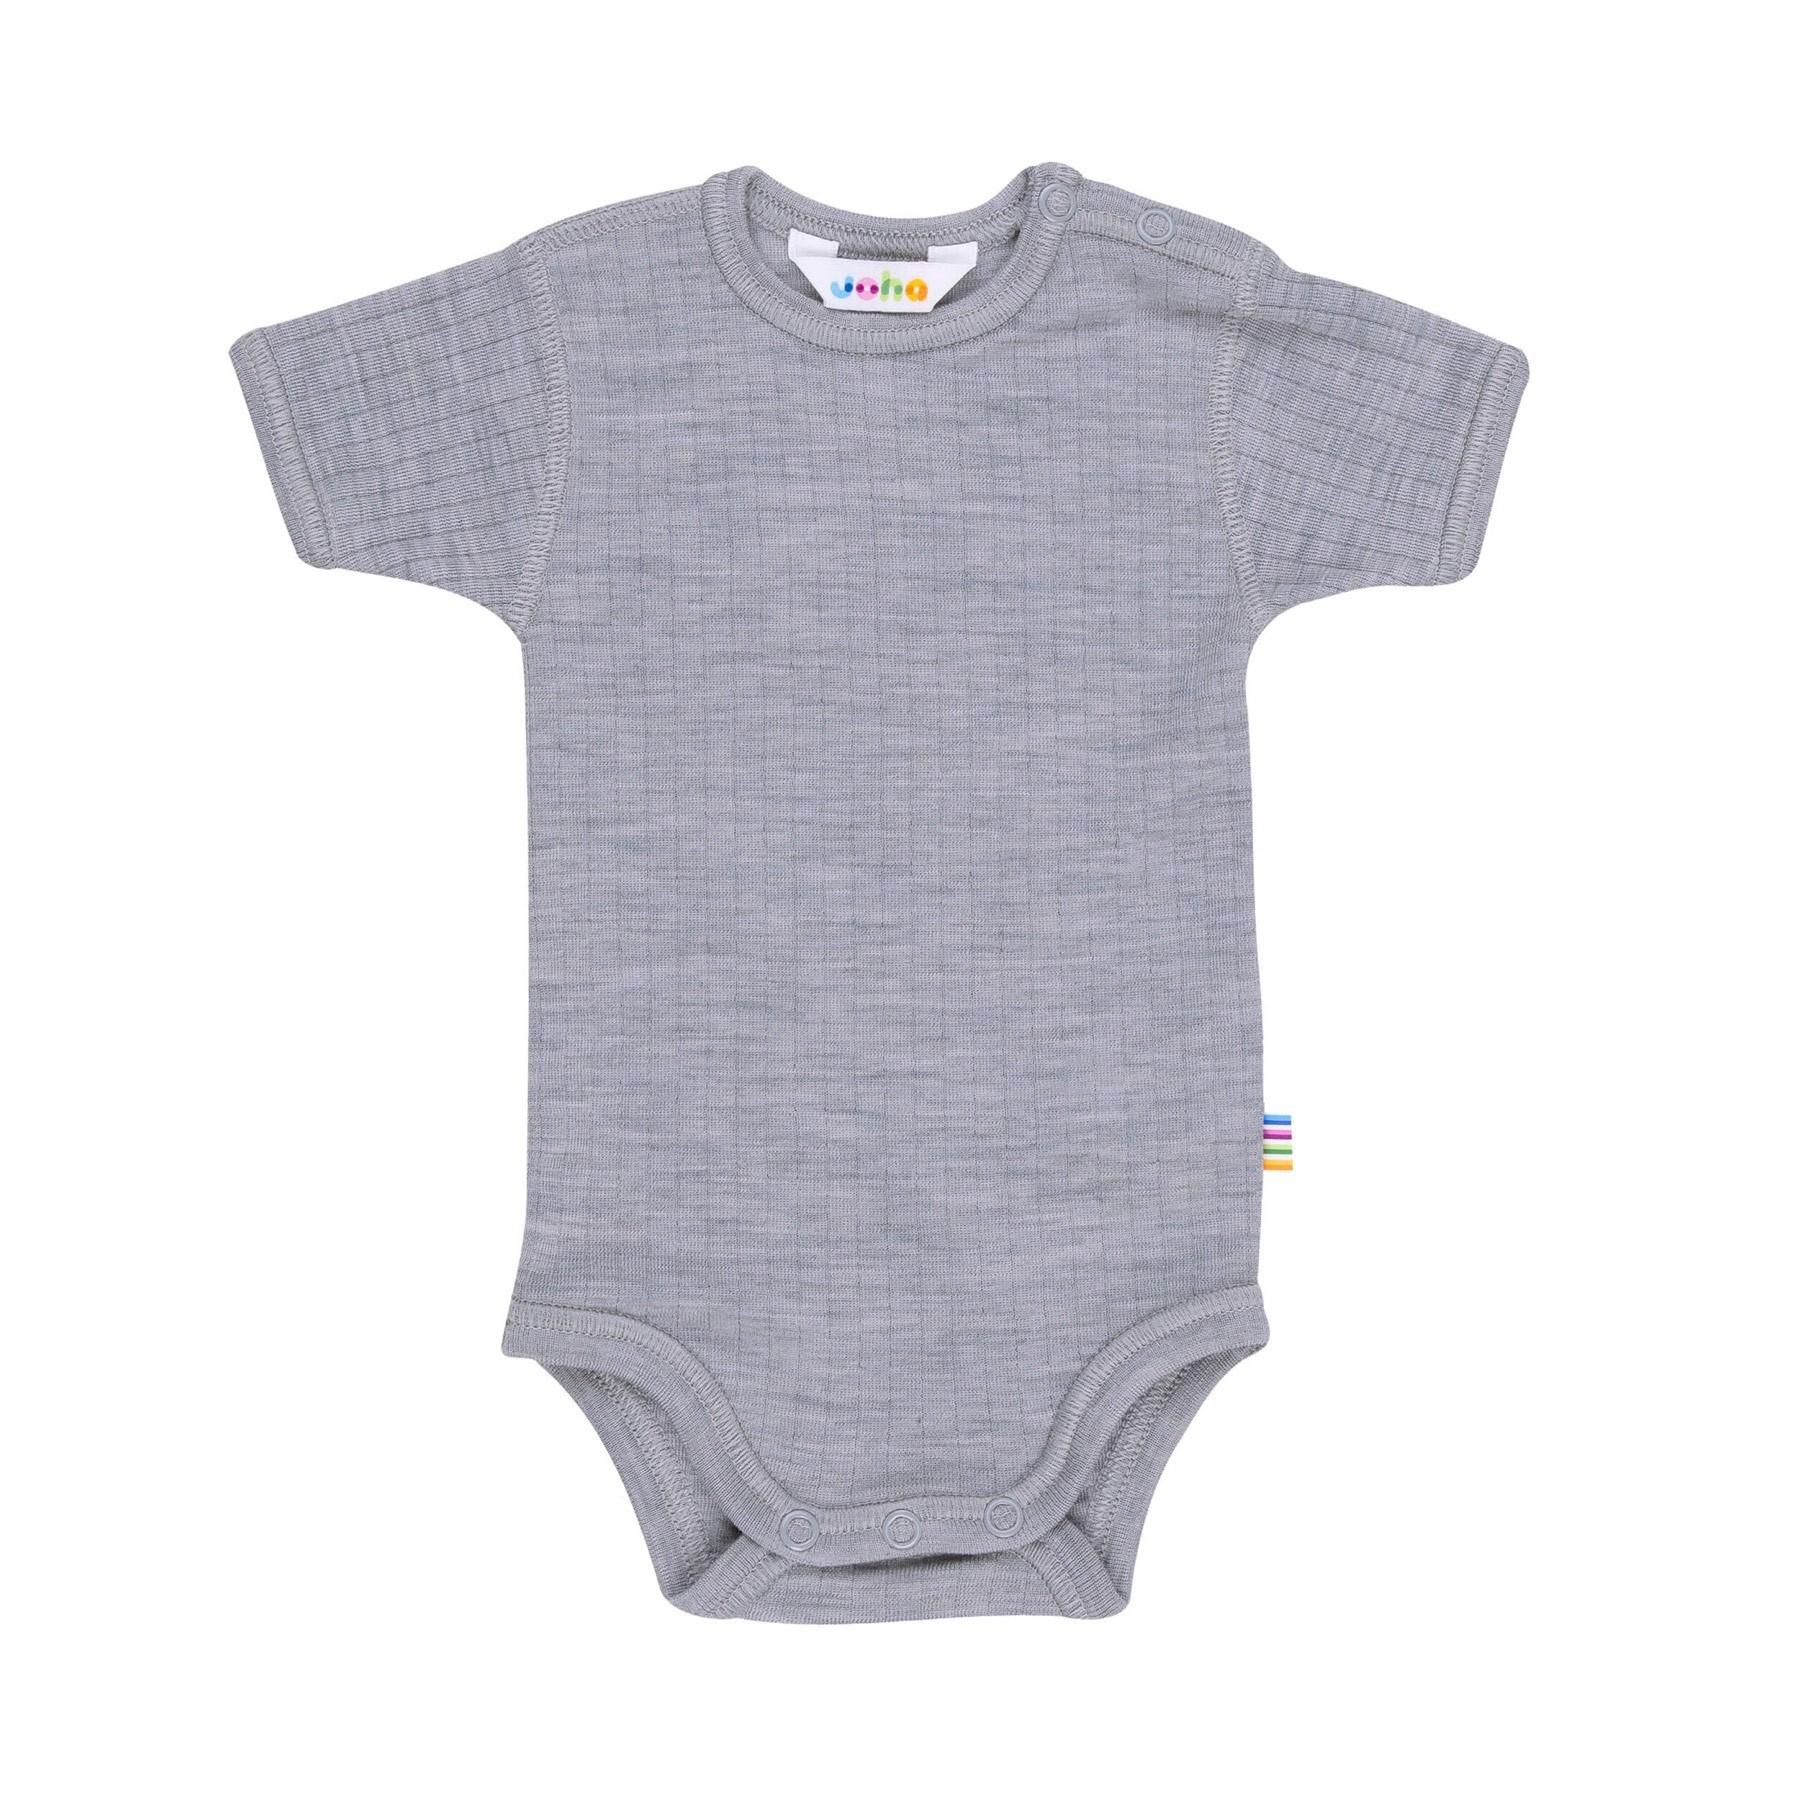 033fea8d930 Joha uld body Stort udvalg af body til baby fra Joha - Se her 👈